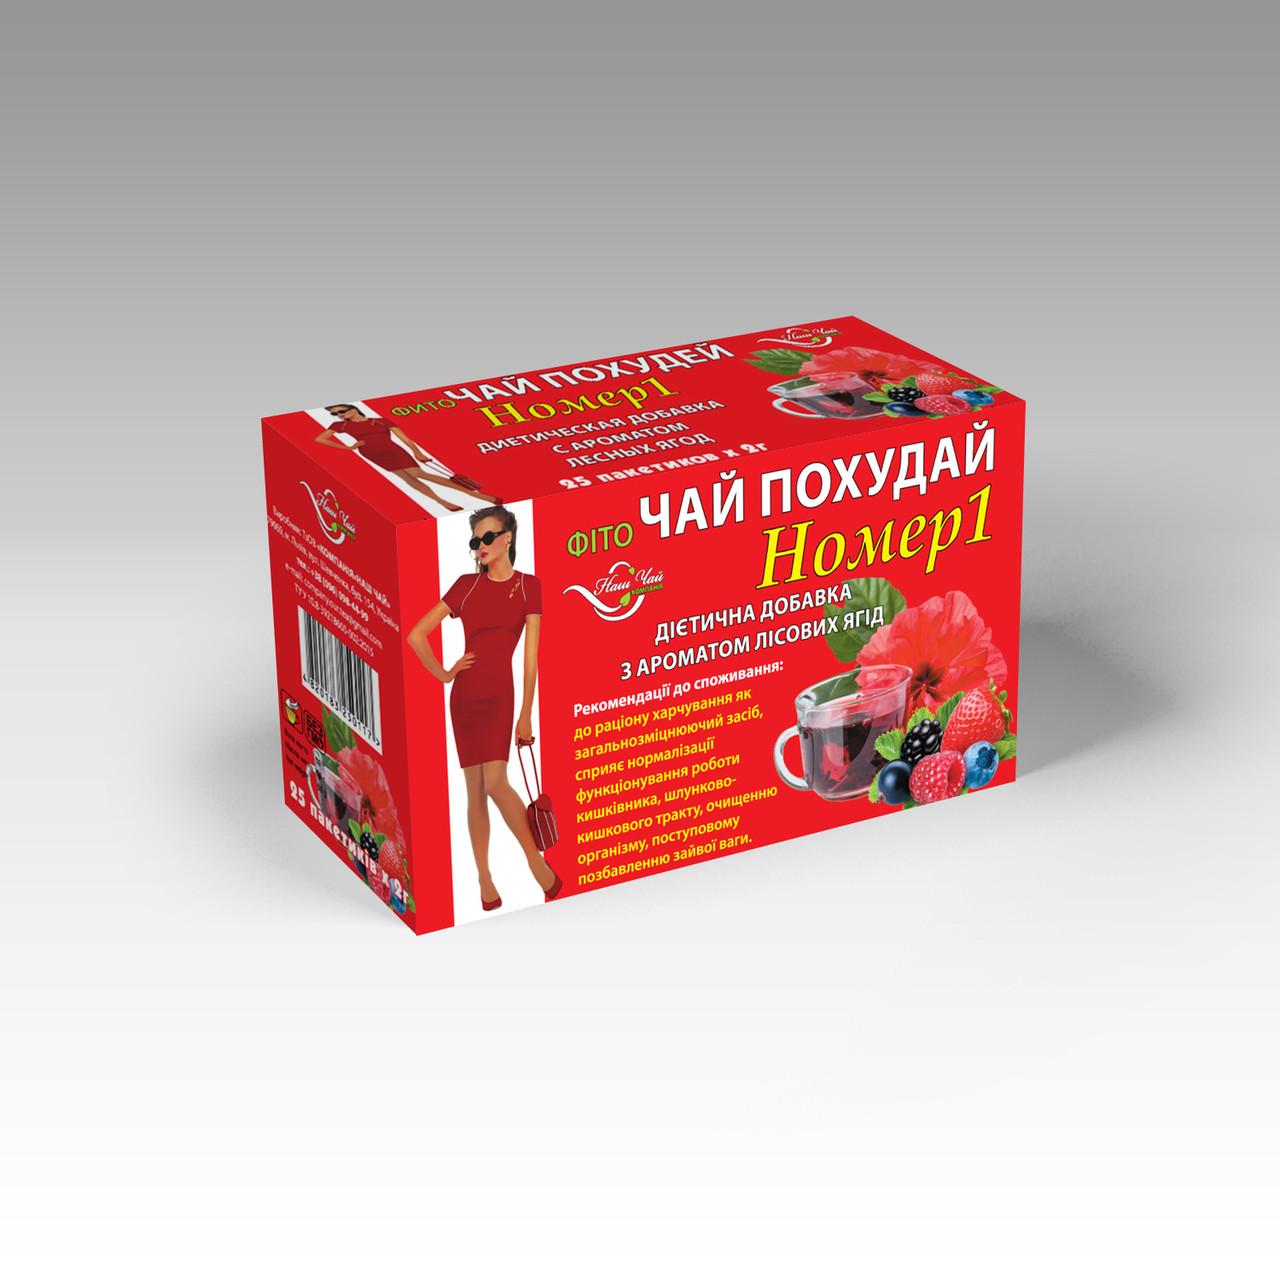 Фито чай Похудай номер 1 с ароматом Лесная ягода